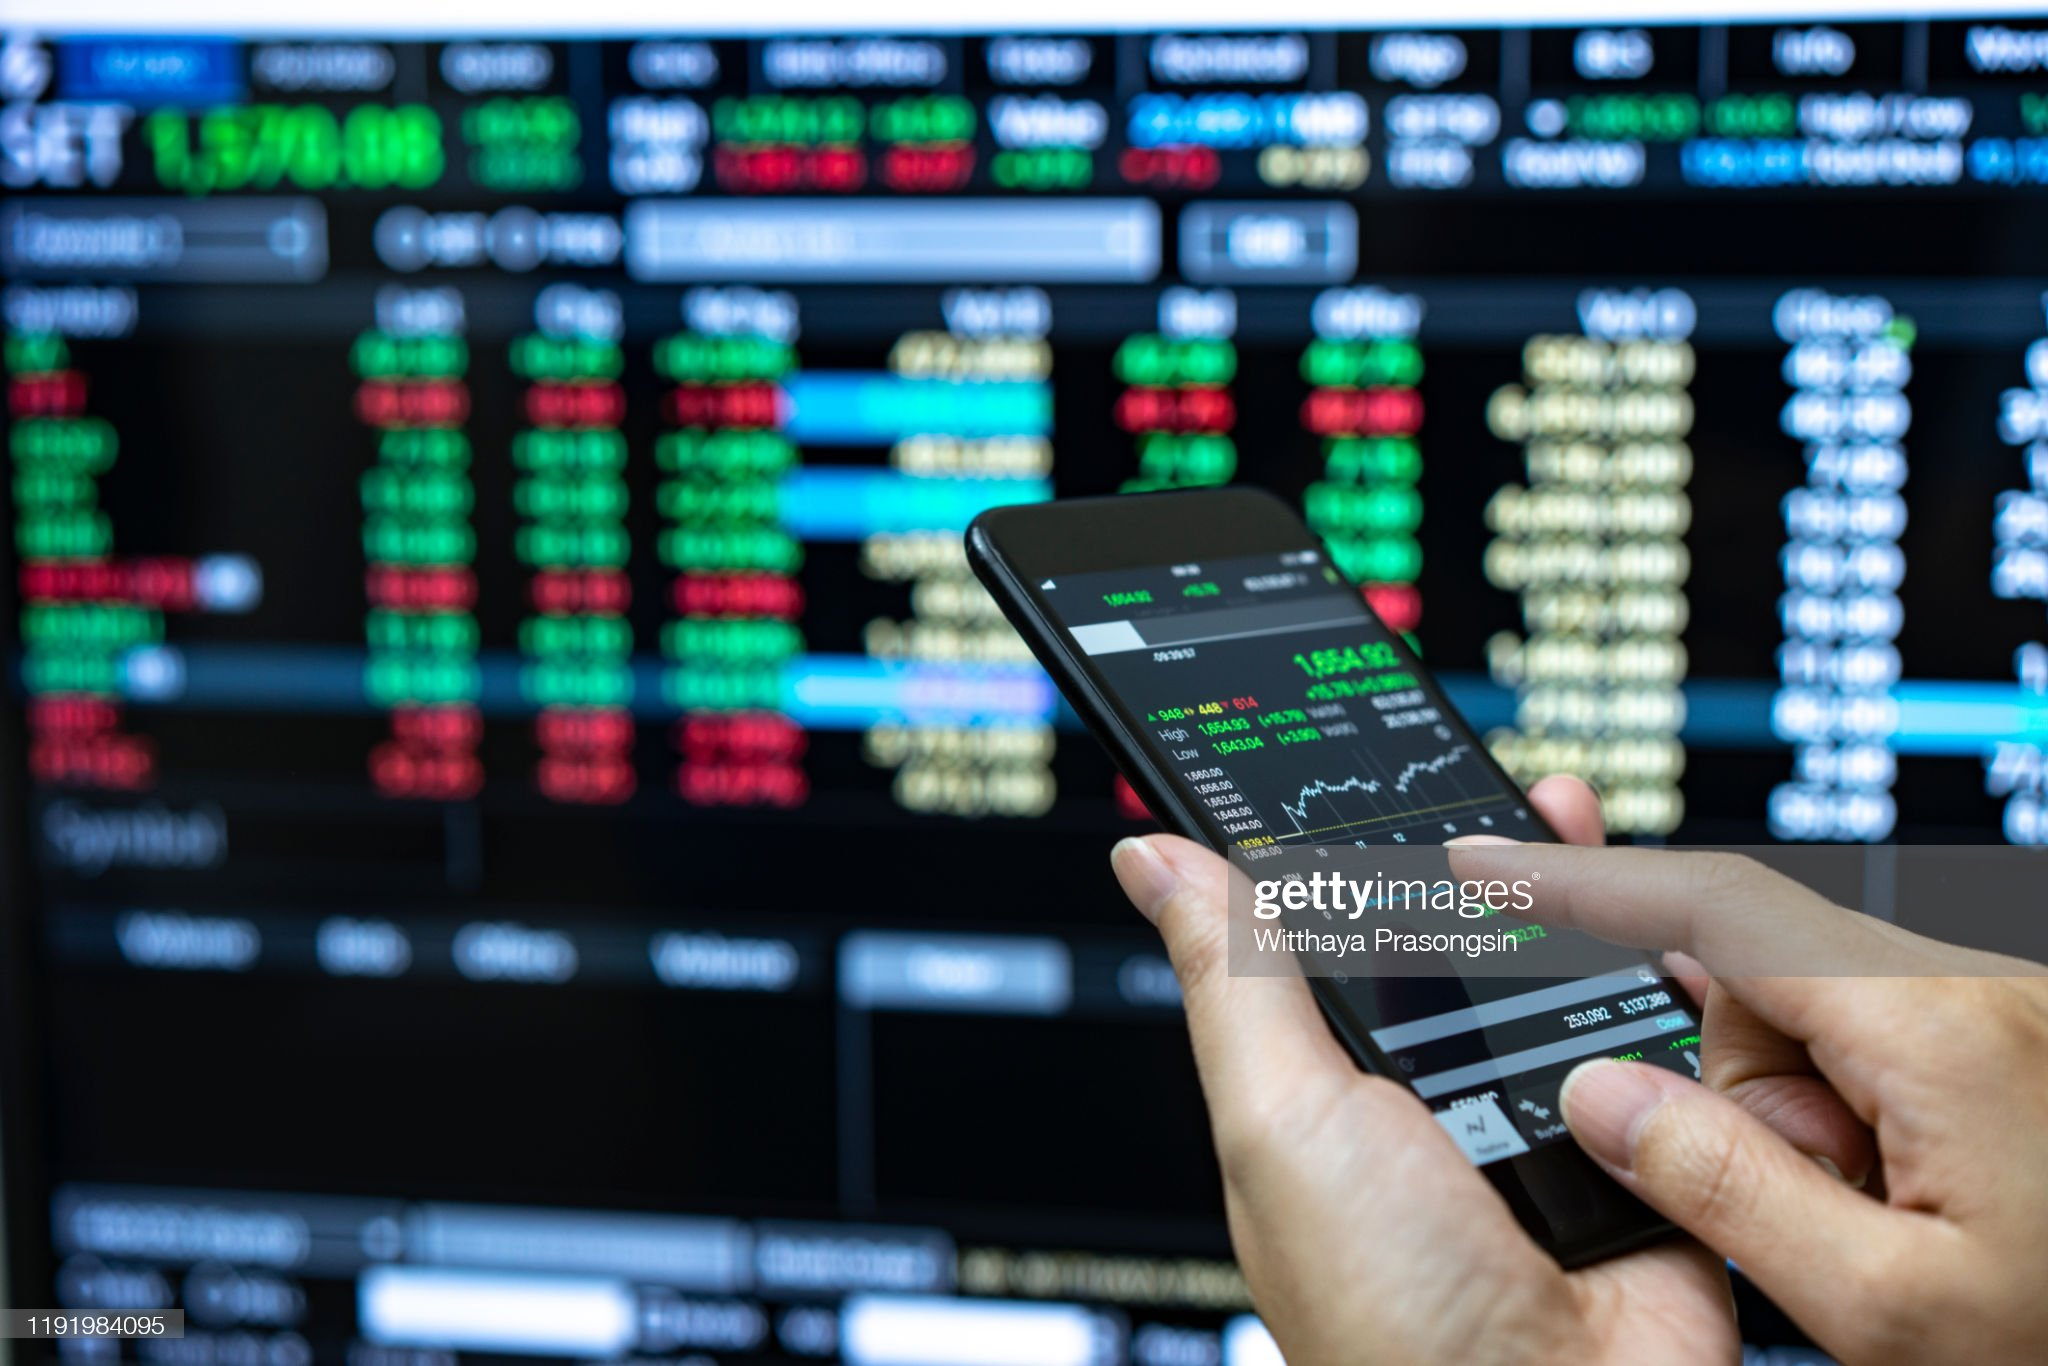 बाजार धड़ाम: 604 अंकों की जोरदार गिरावट के साथ खुला सेंसेक्स, निफ्टी 14500 के नीचे